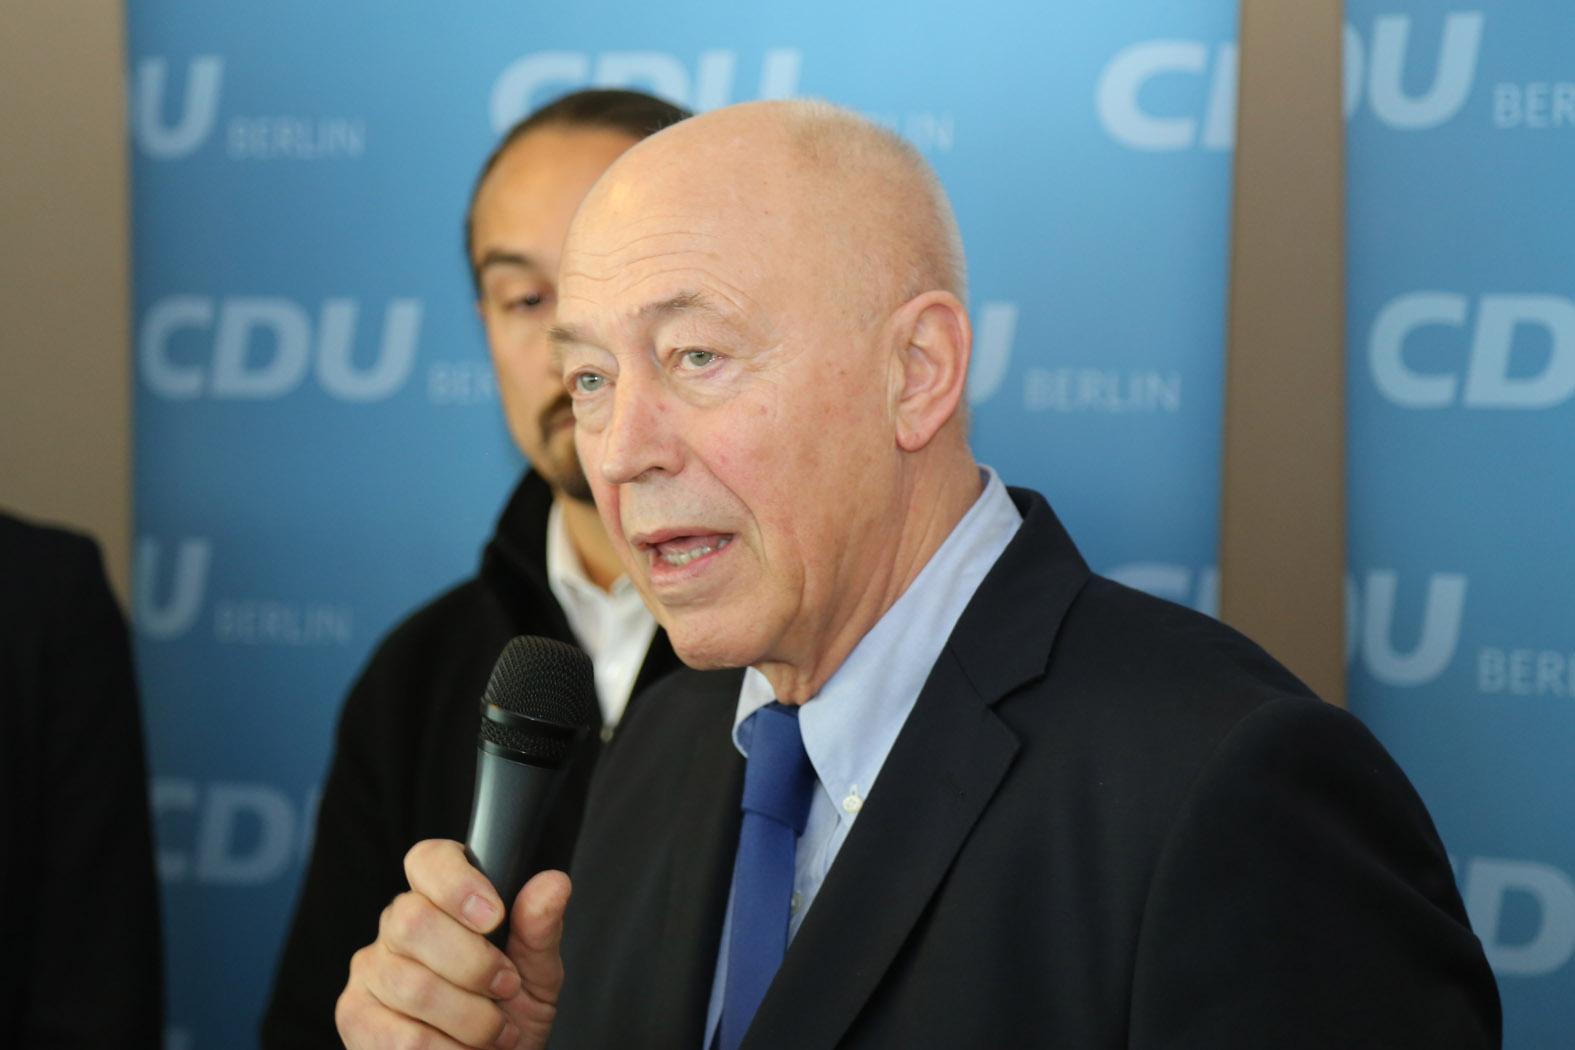 Wolfgang Gibowski